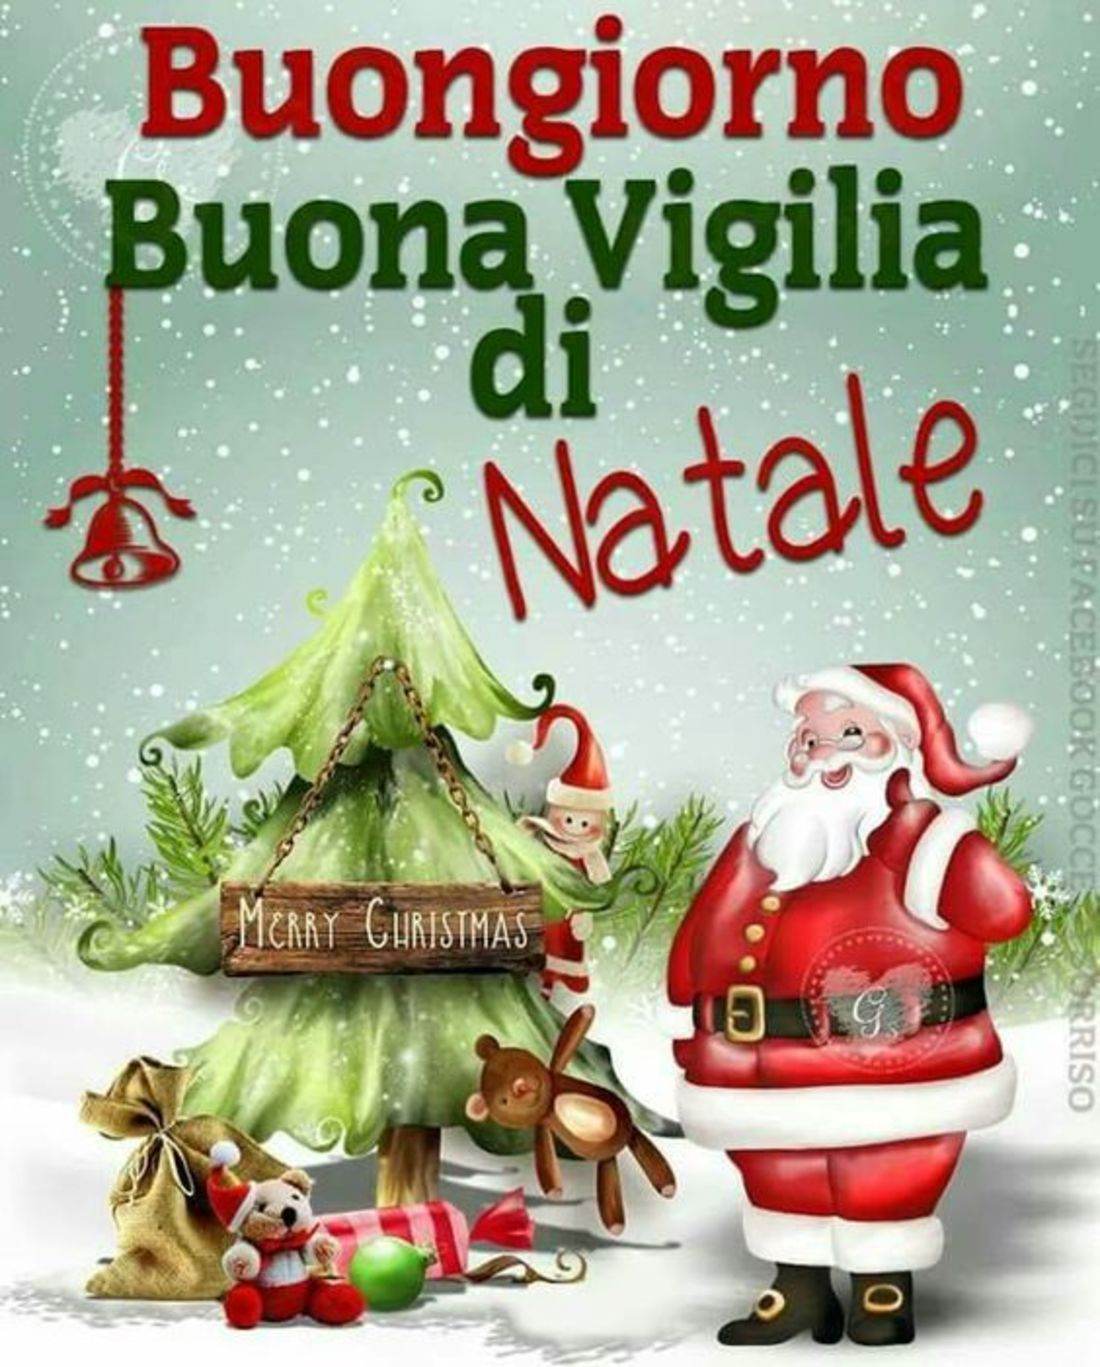 Frasi Per Vigilia Di Natale.Buona Vigilia Di Natale 24 Dicembre Whatsapp 4 Frasi Belle